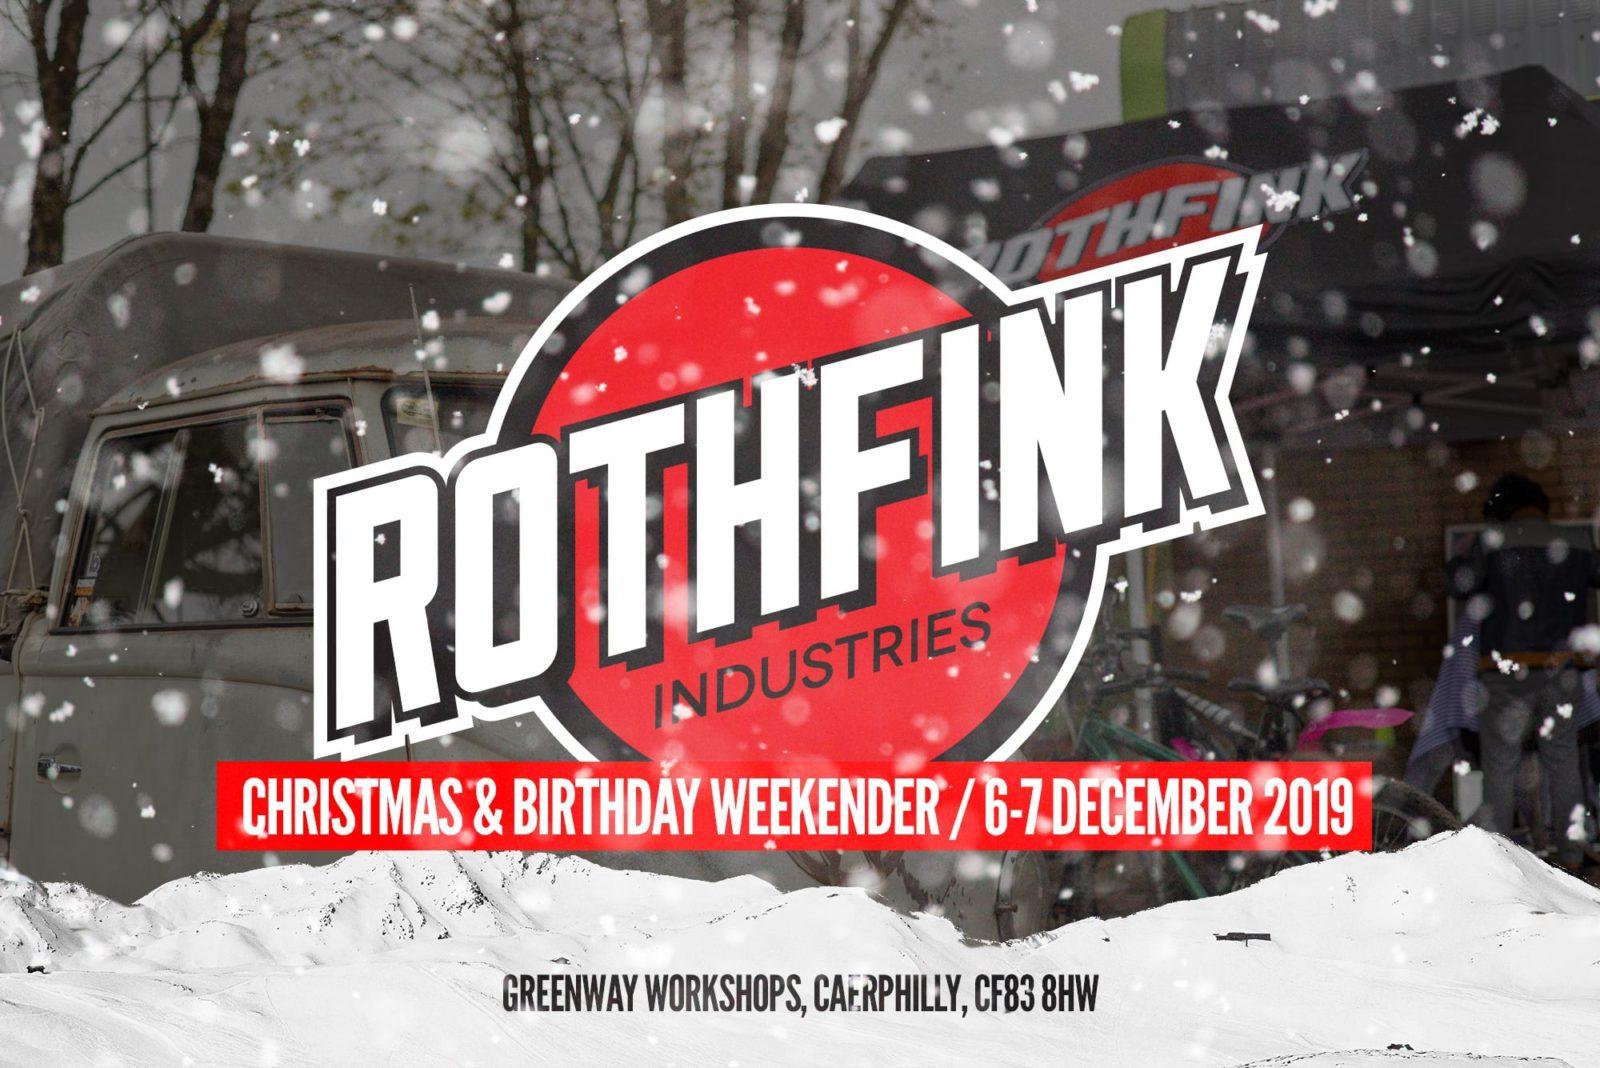 Rothfink Christmas / birthday weekender – 6-7 December 2019